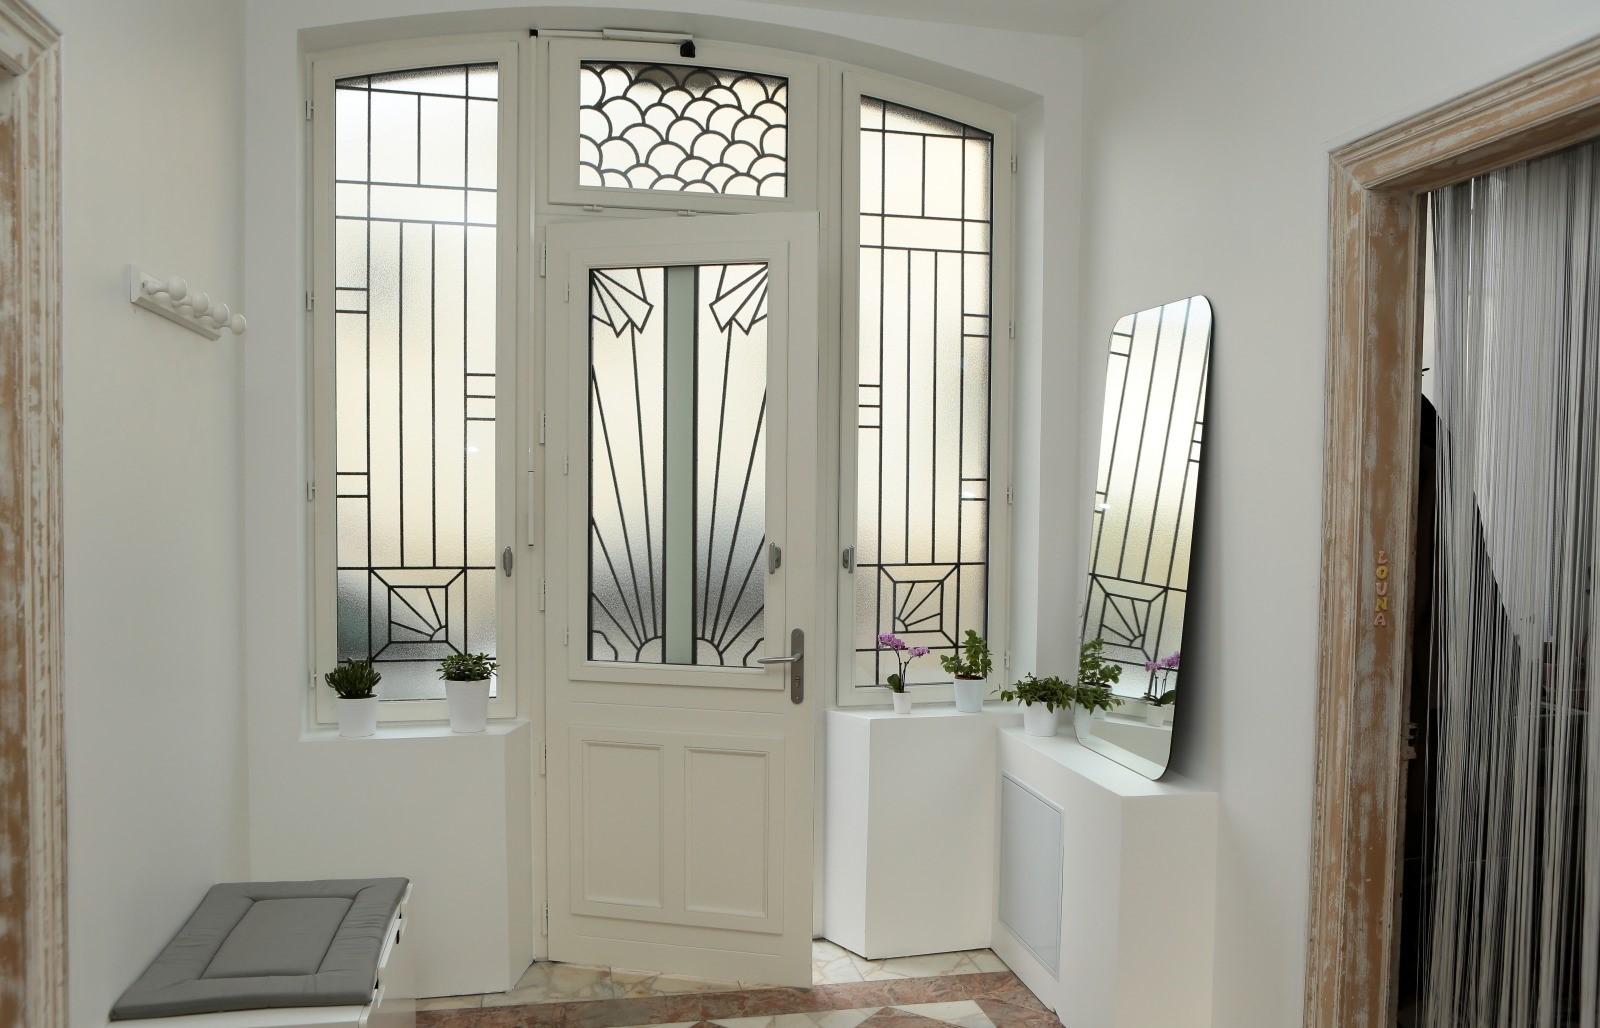 Double Porte Verriere Interieure guide - choisir une porte d'entrée vitrée ou semi-vitrée